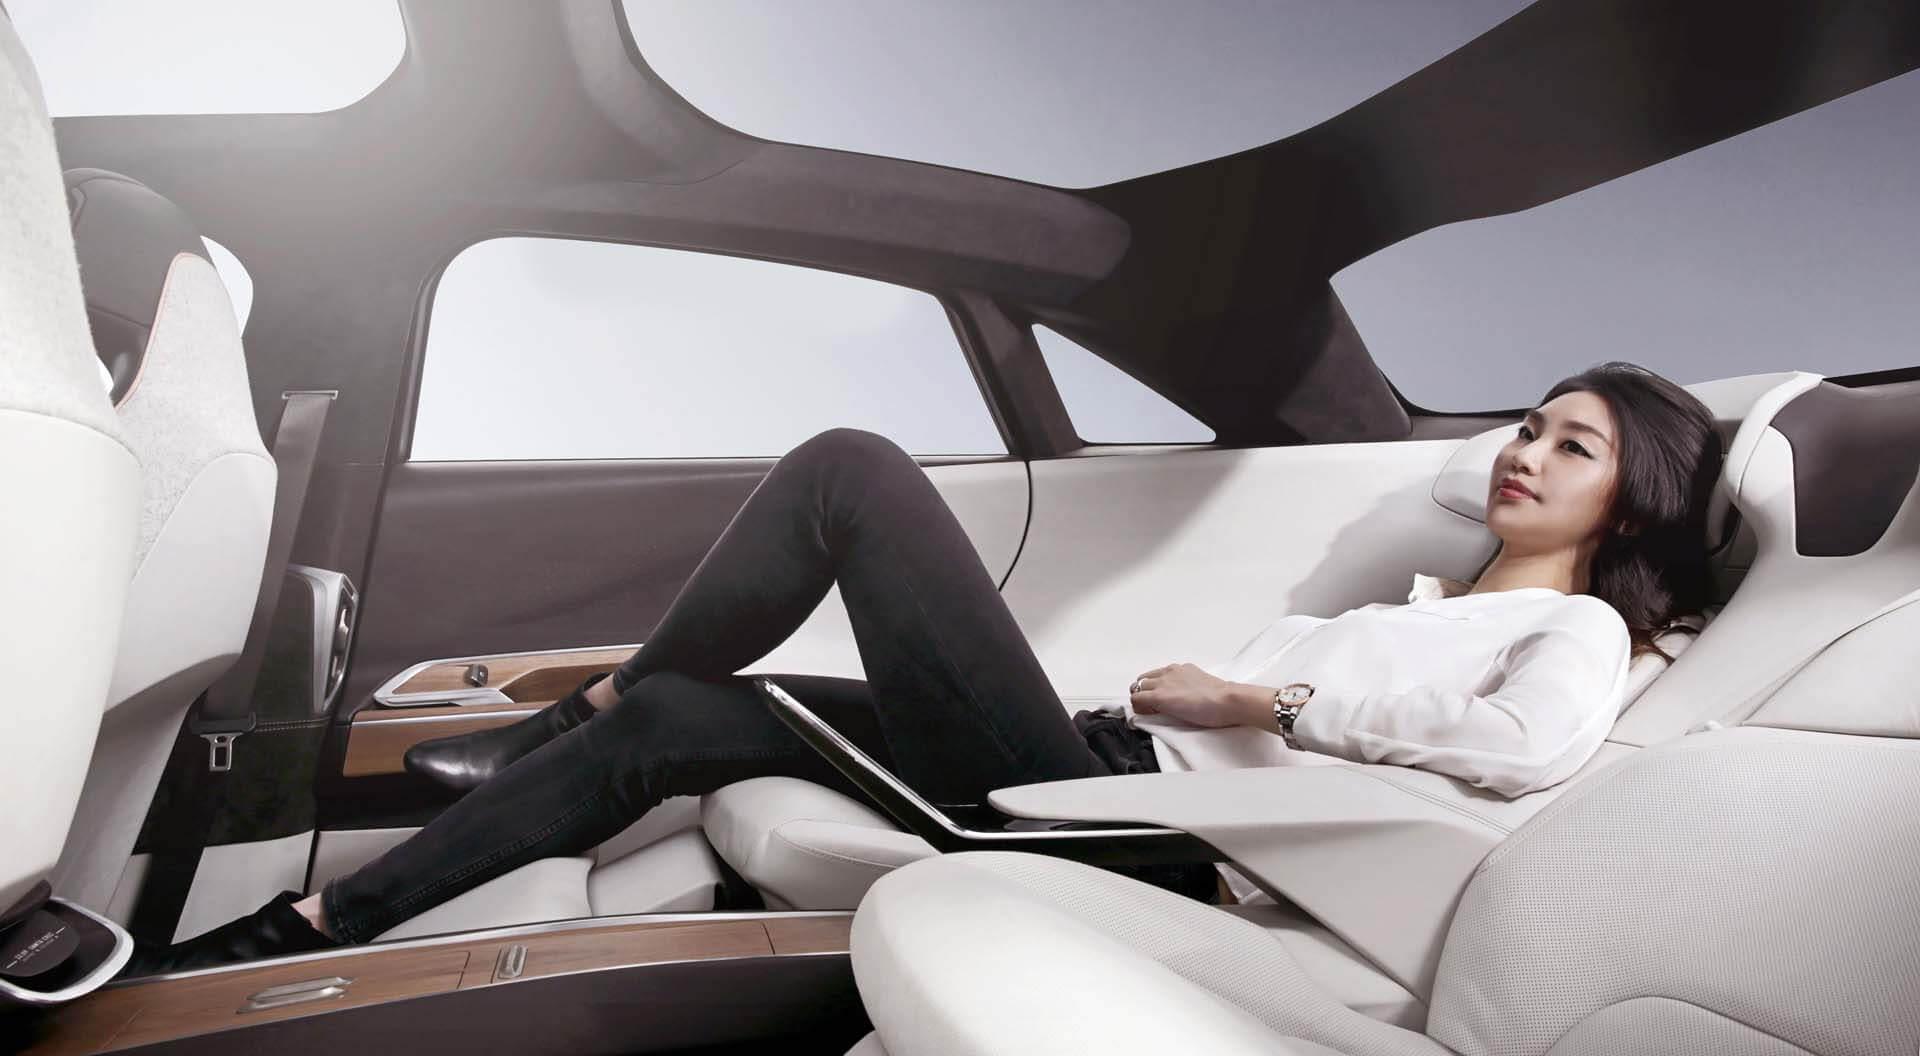 استوحي تصميم المقاعد الخلفية من مقاعد الطائرات